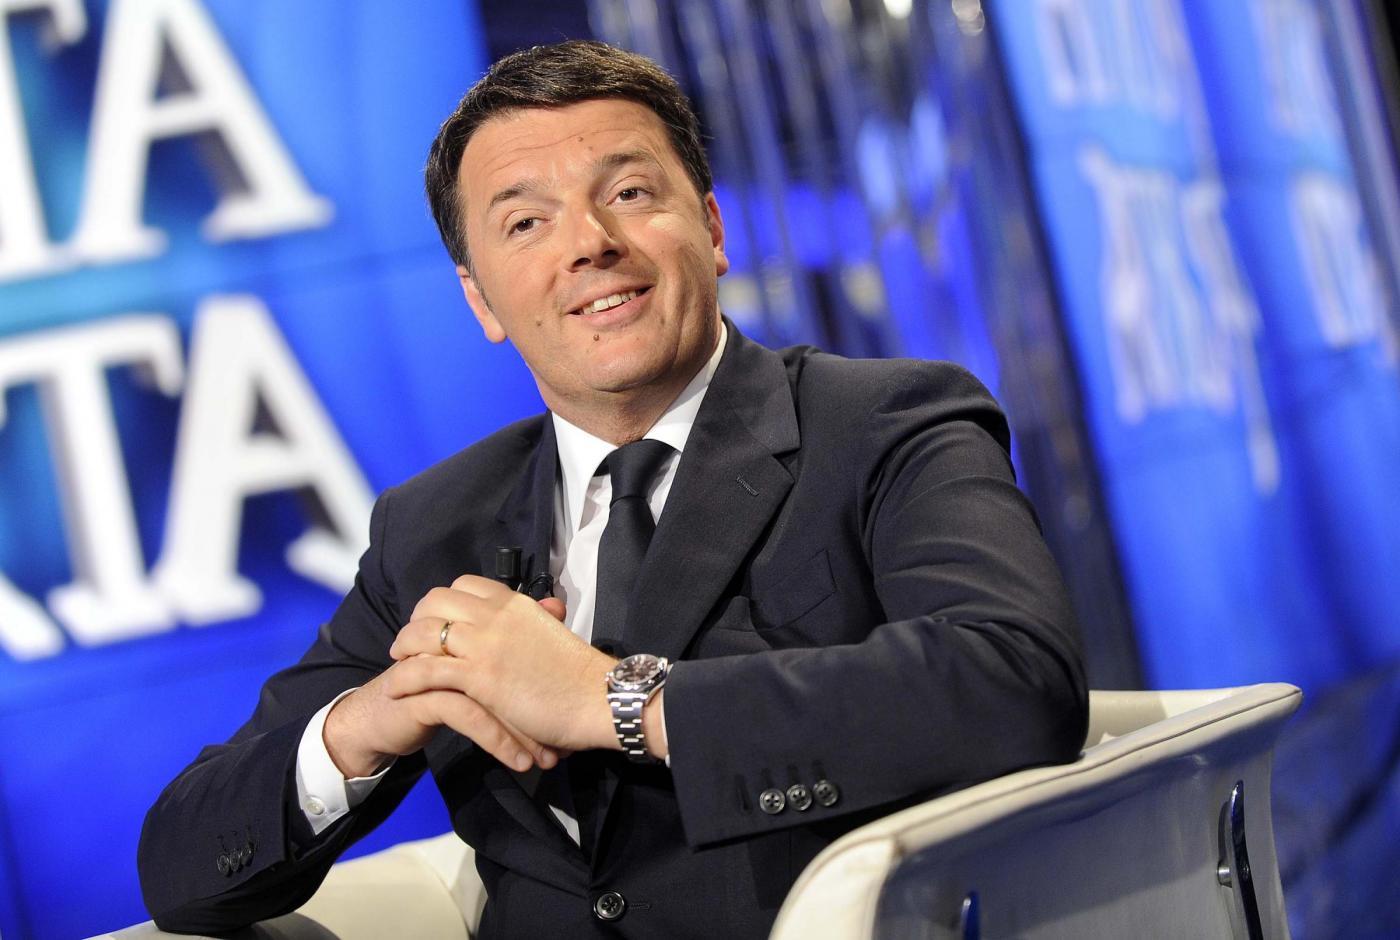 Matteo Renzi ospite di Porta a Porta